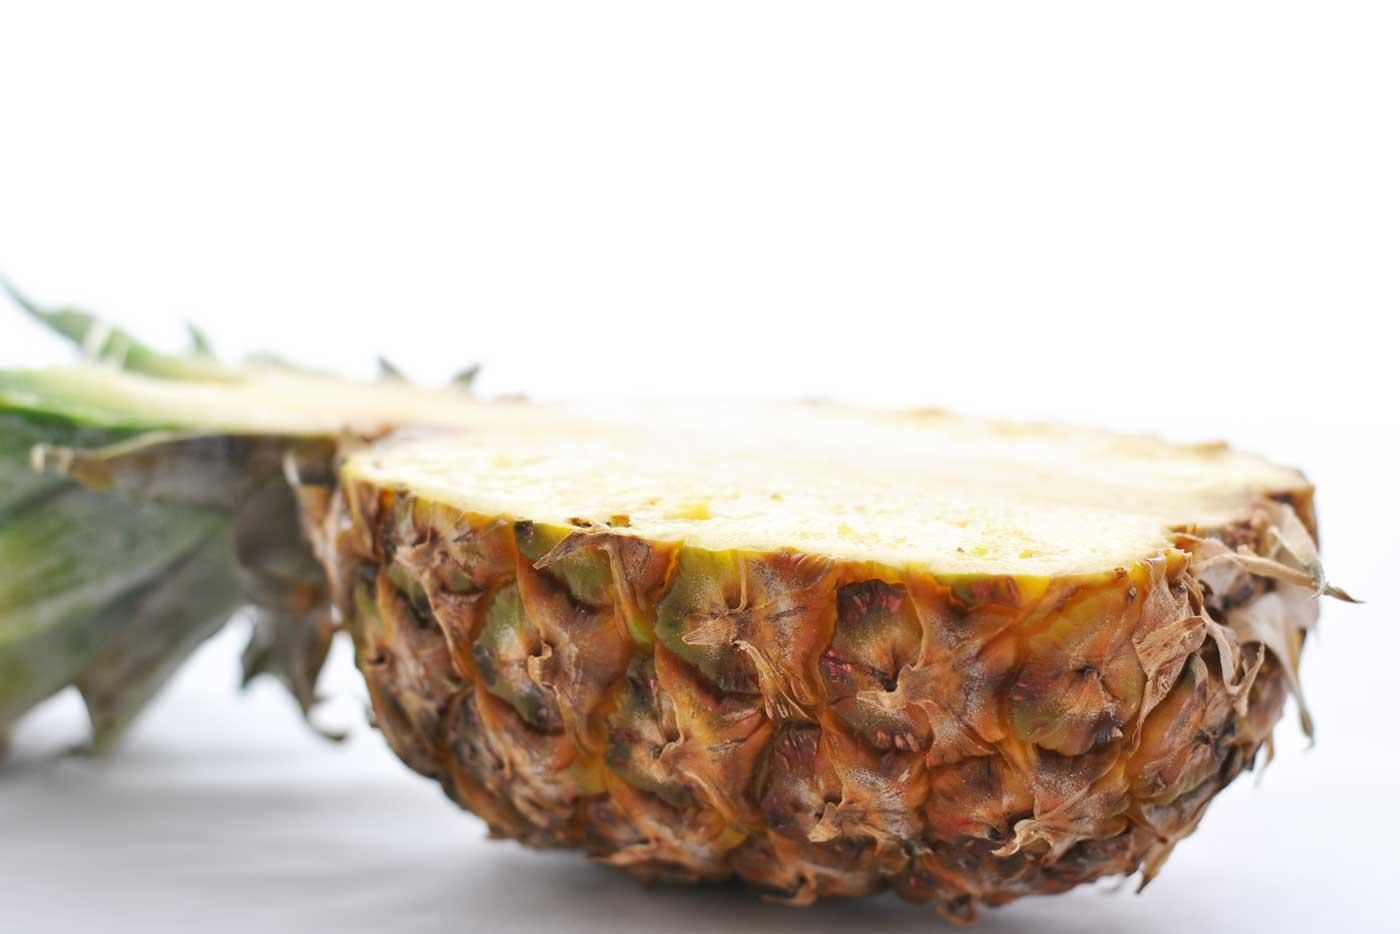 Pineapple tasteofrunway